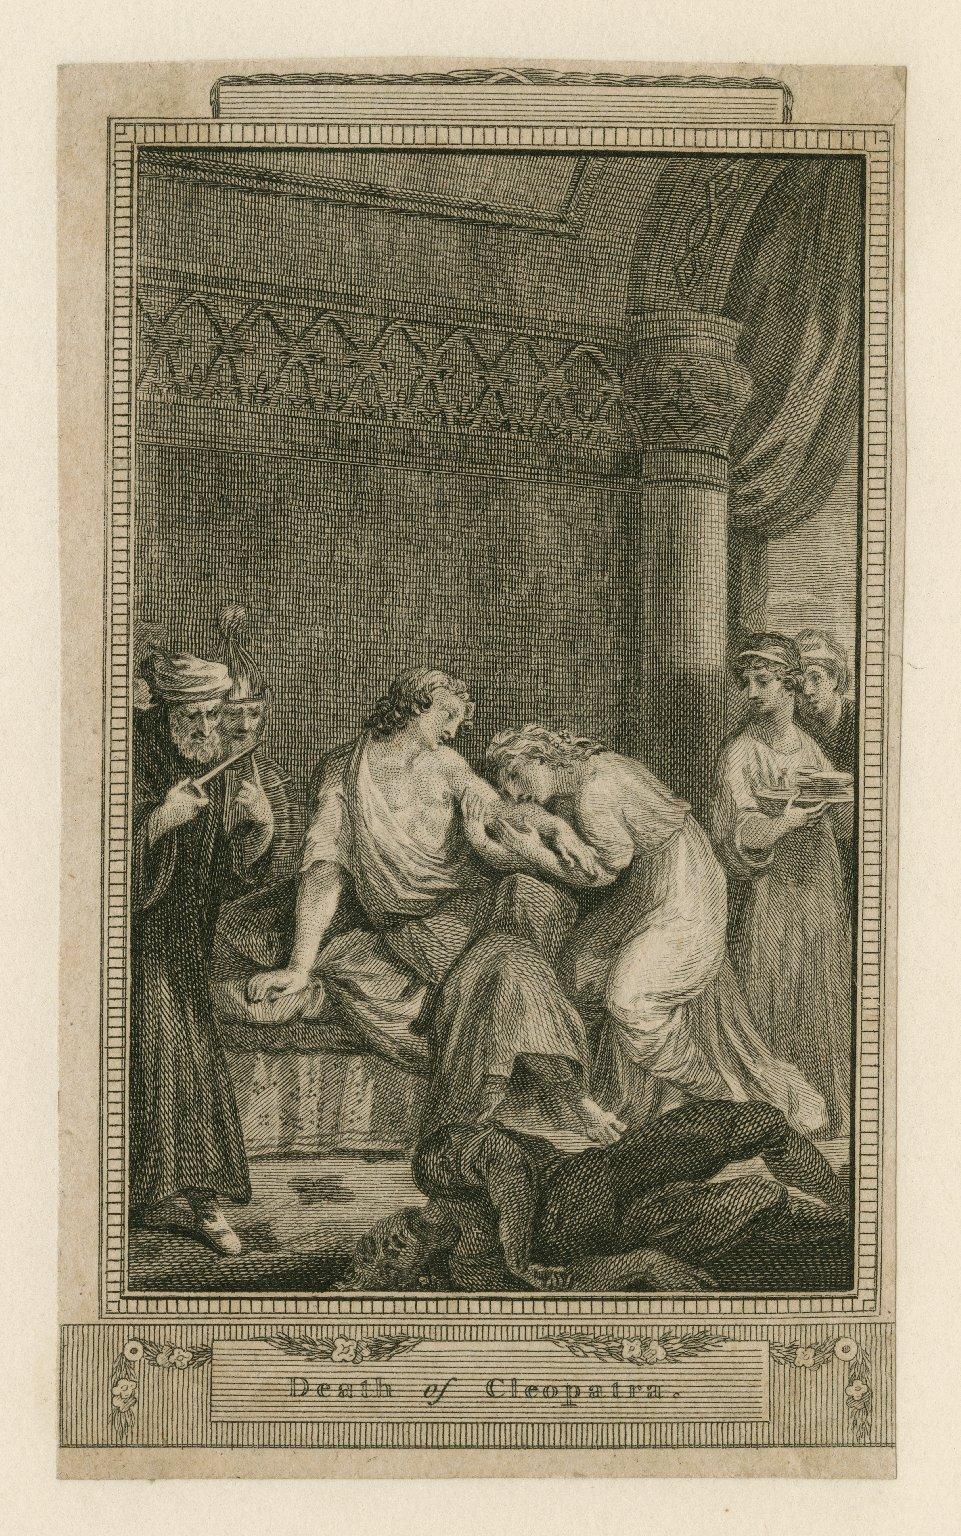 Death of Cleopatra [Antony and Cleopatra, act V, scene 2] [graphic].